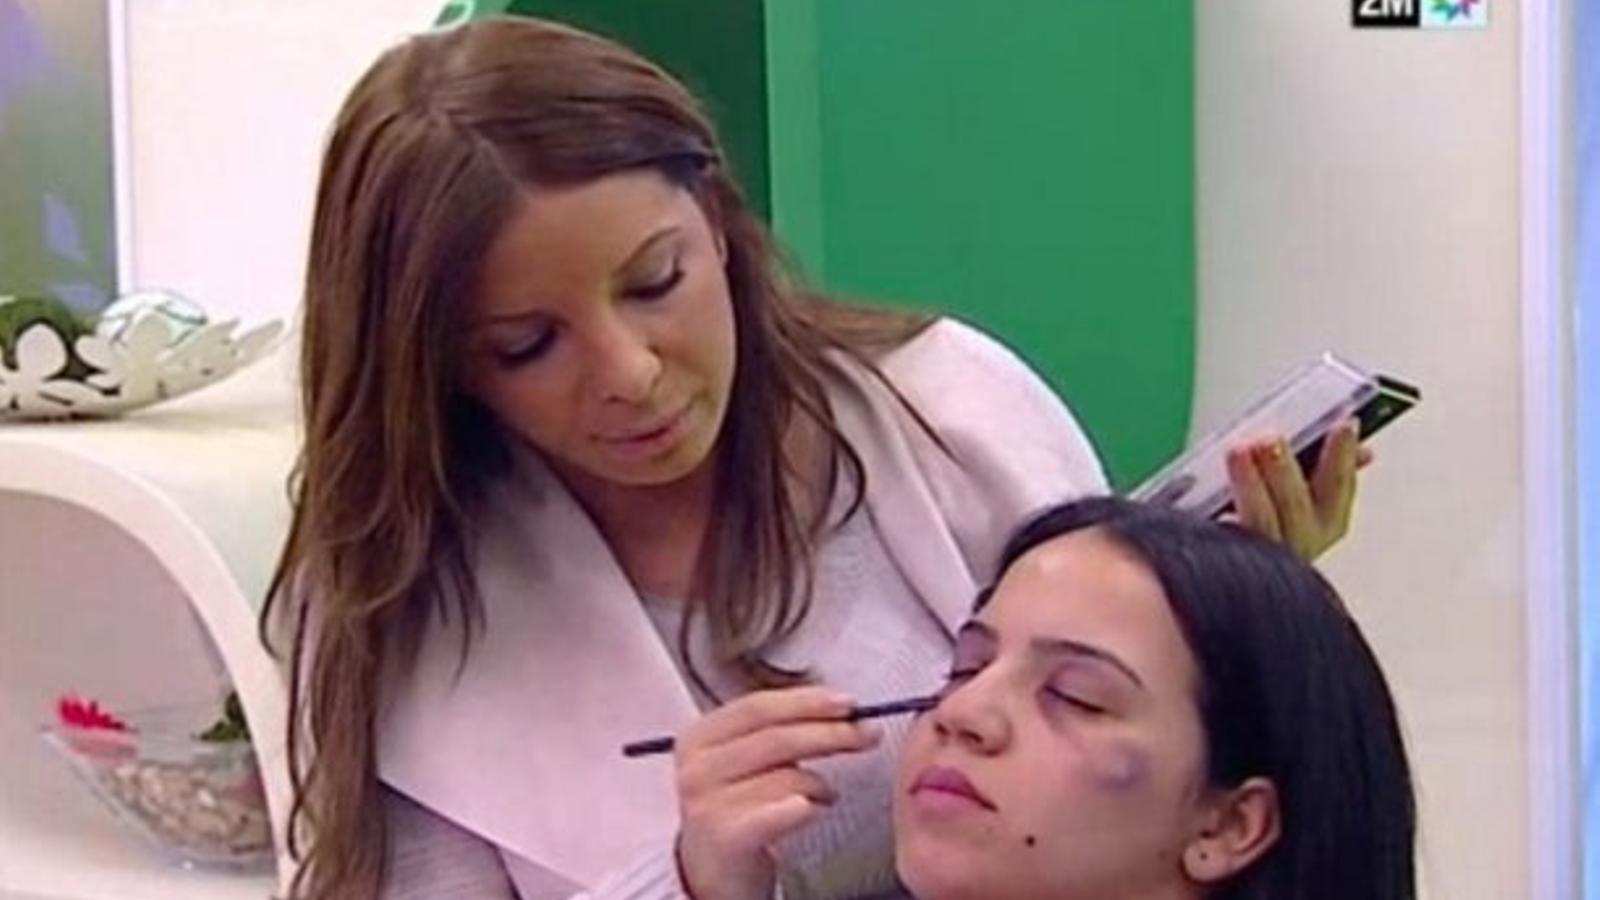 La televisió del Marroc dóna consells per tapar la violència de gènere amb maquillatge